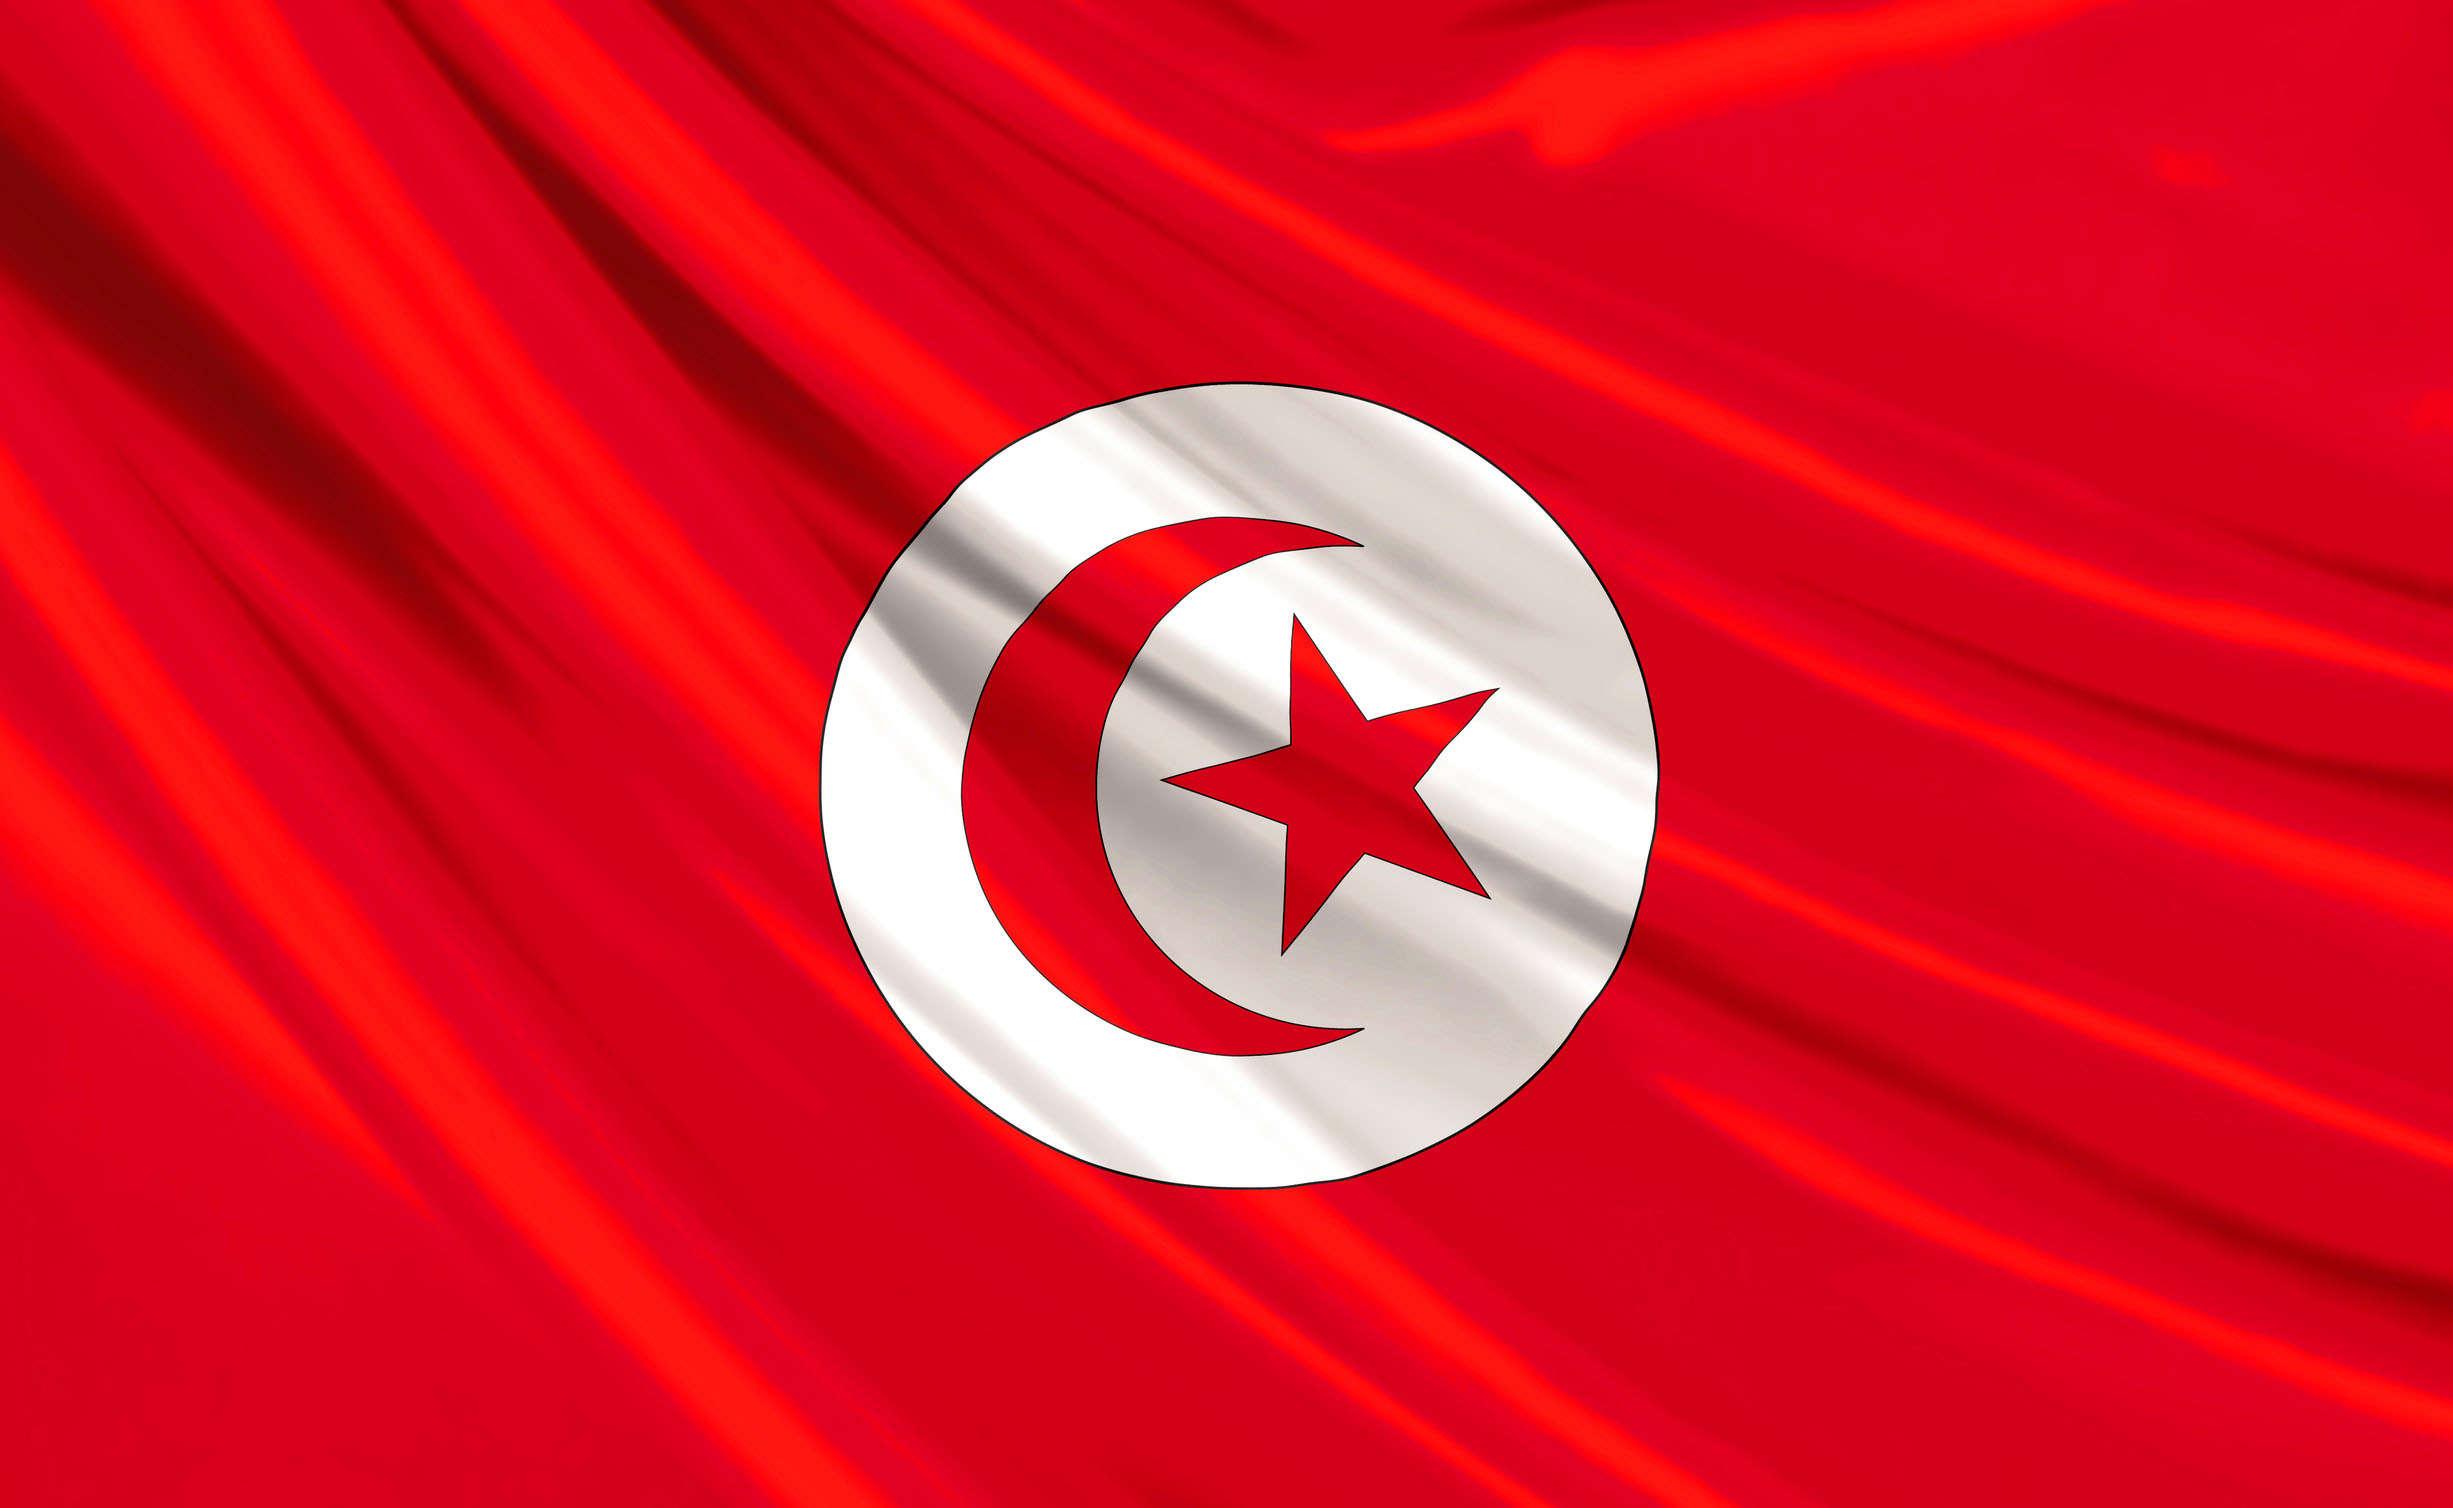 """Photo of تونس """"تحترم خيارات الليبيين"""".. و تُشجّع على """"حوار شامل"""""""